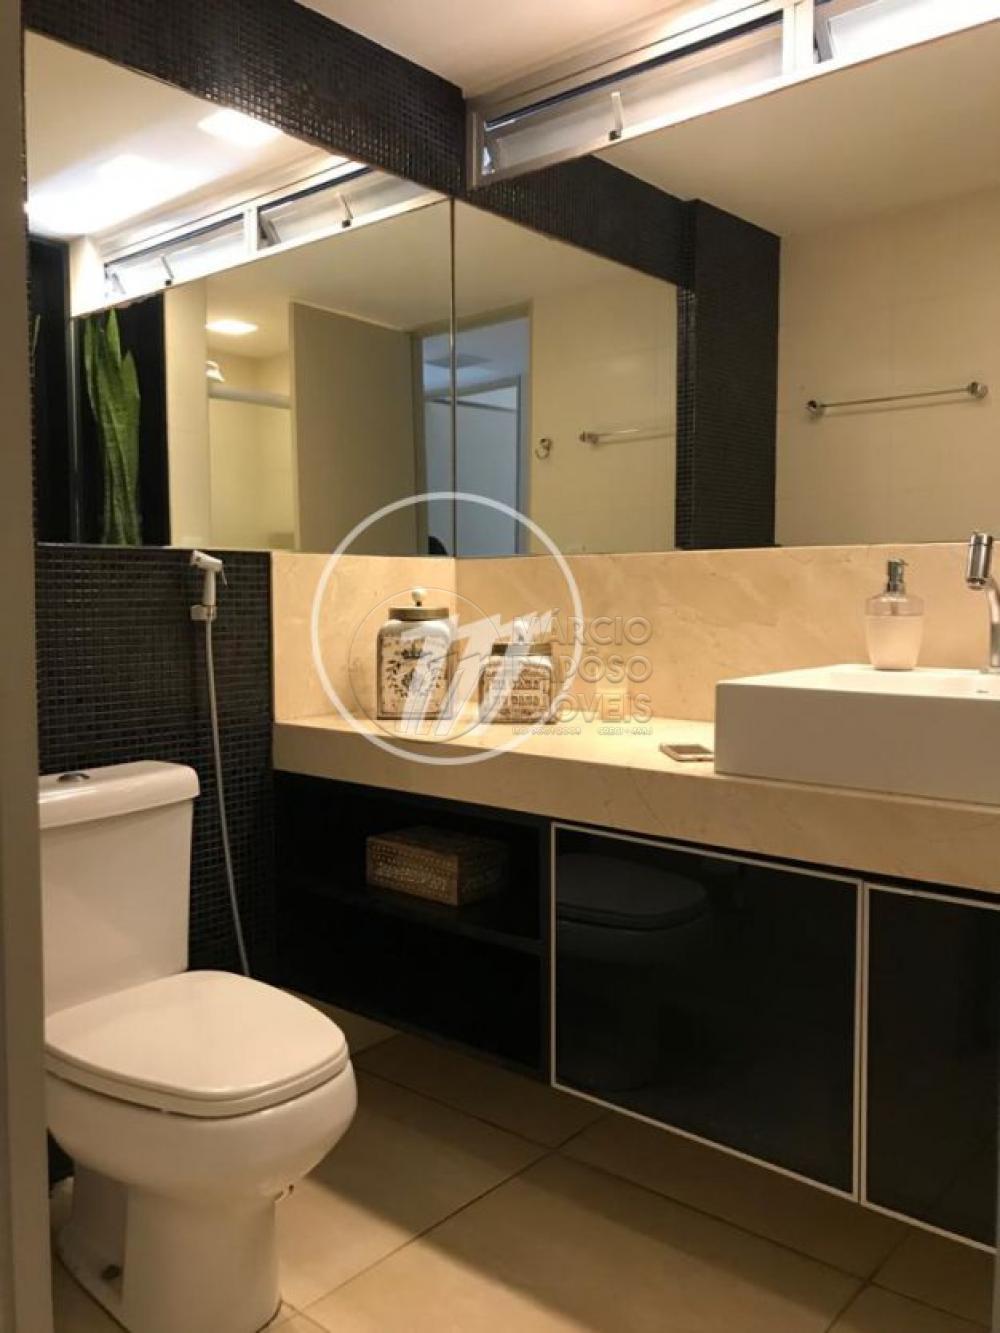 Comprar Apartamento / Padrão em Maceió apenas R$ 1.100.000,00 - Foto 17